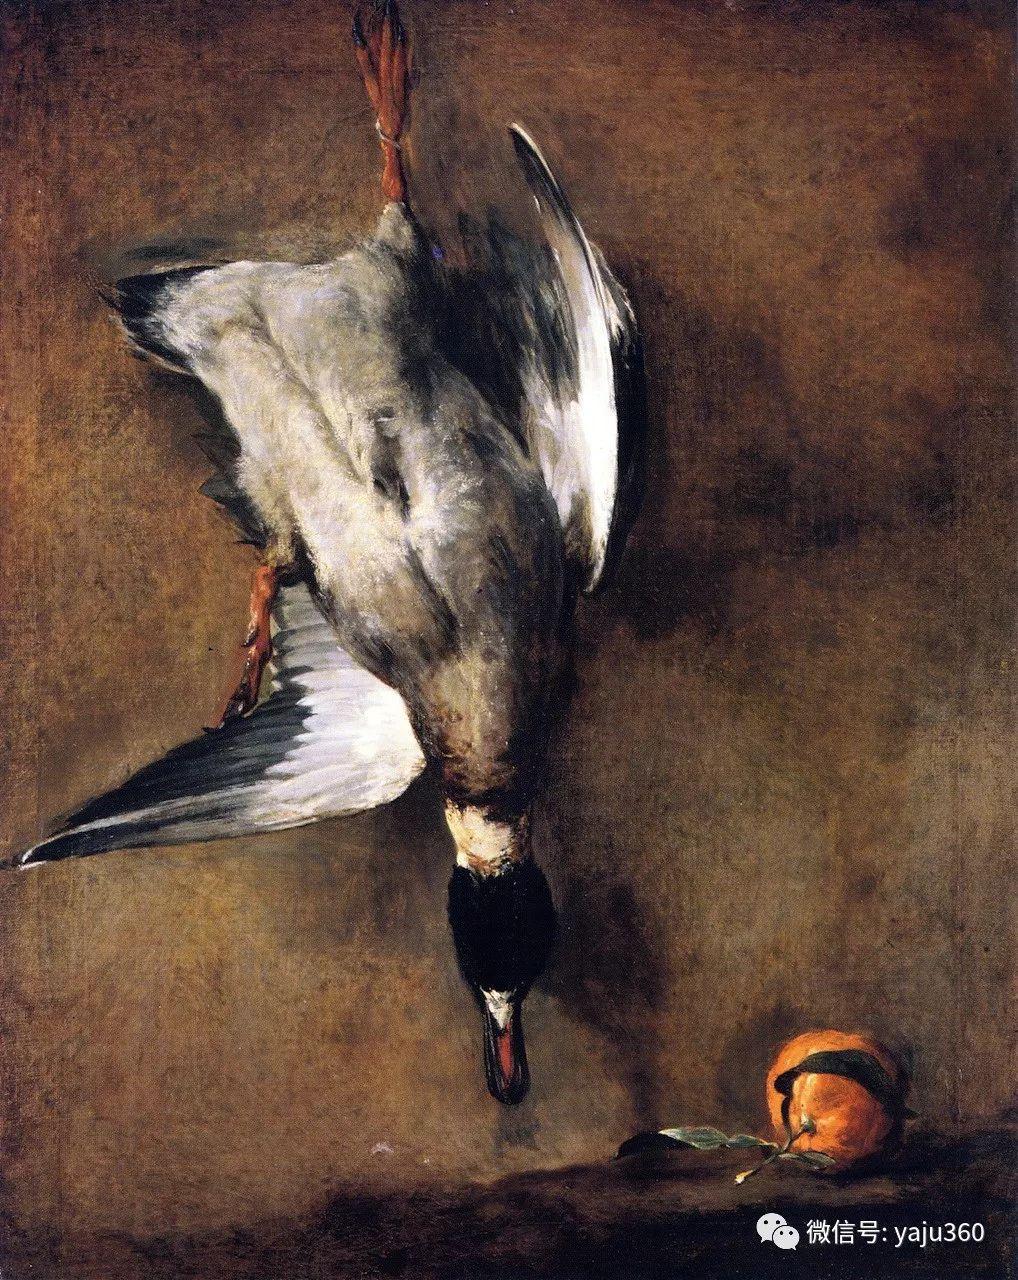 静物画巨匠 法国画家夏尔丹插图25